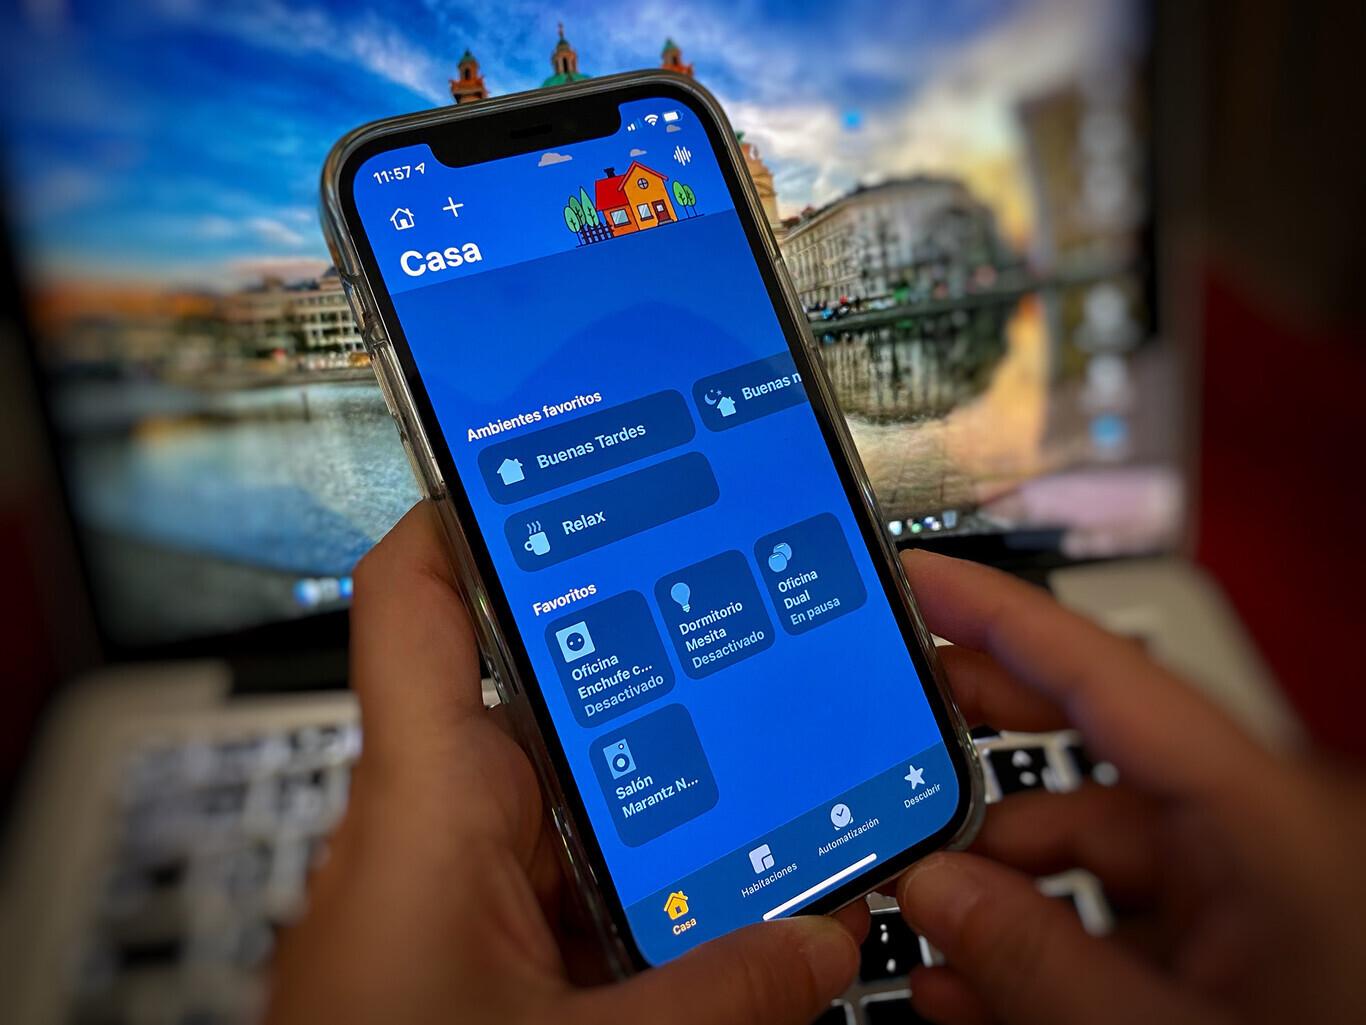 HomeKit permitirá crear automatizaciones con Siri y comandos de voz según la hora e incluso, usar temporizadores